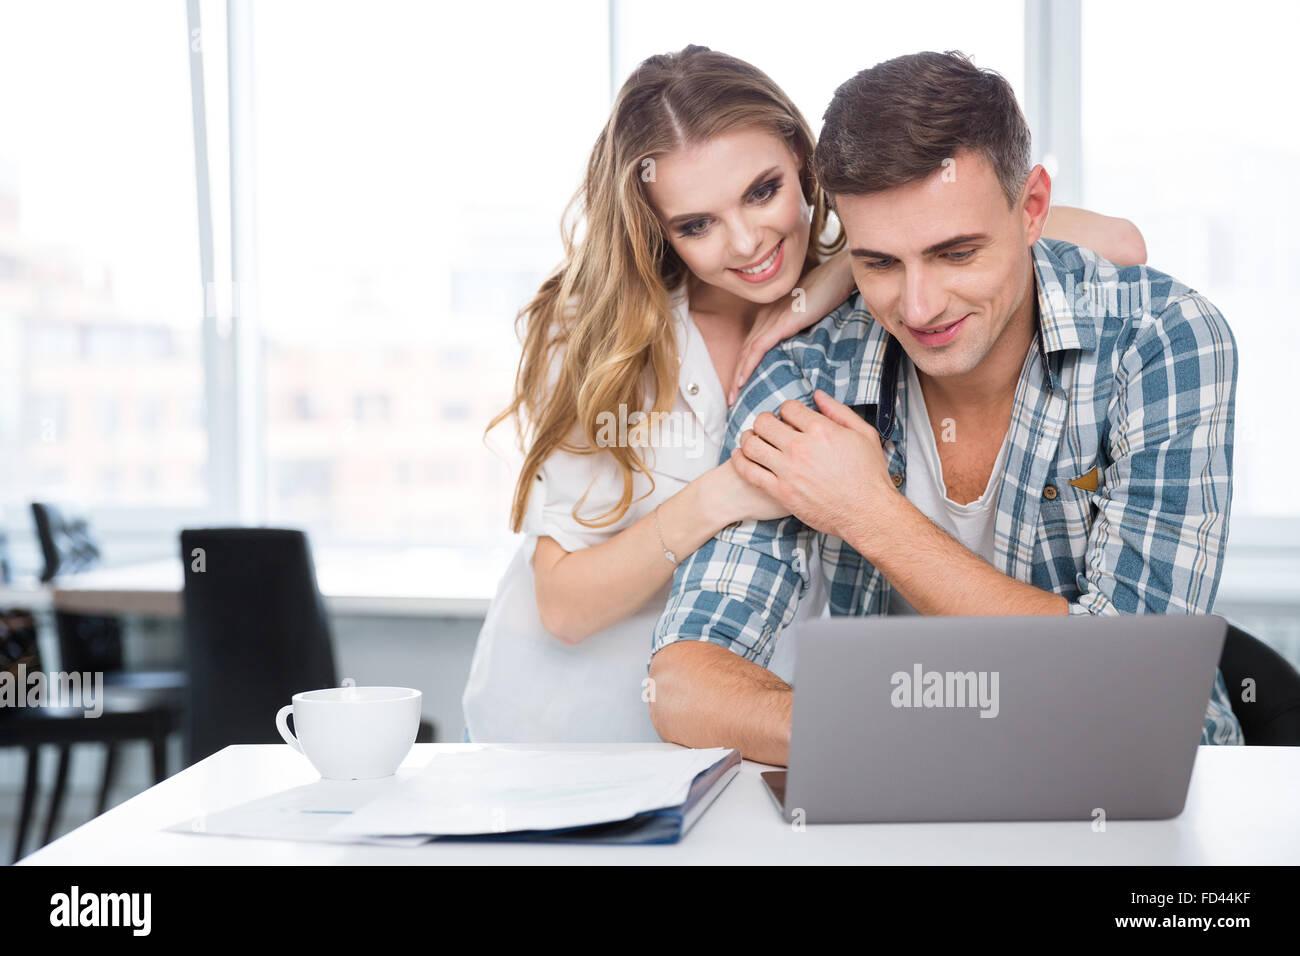 Felice bella giovane utilizzando laptop insieme seduti a tavola a casa Immagini Stock